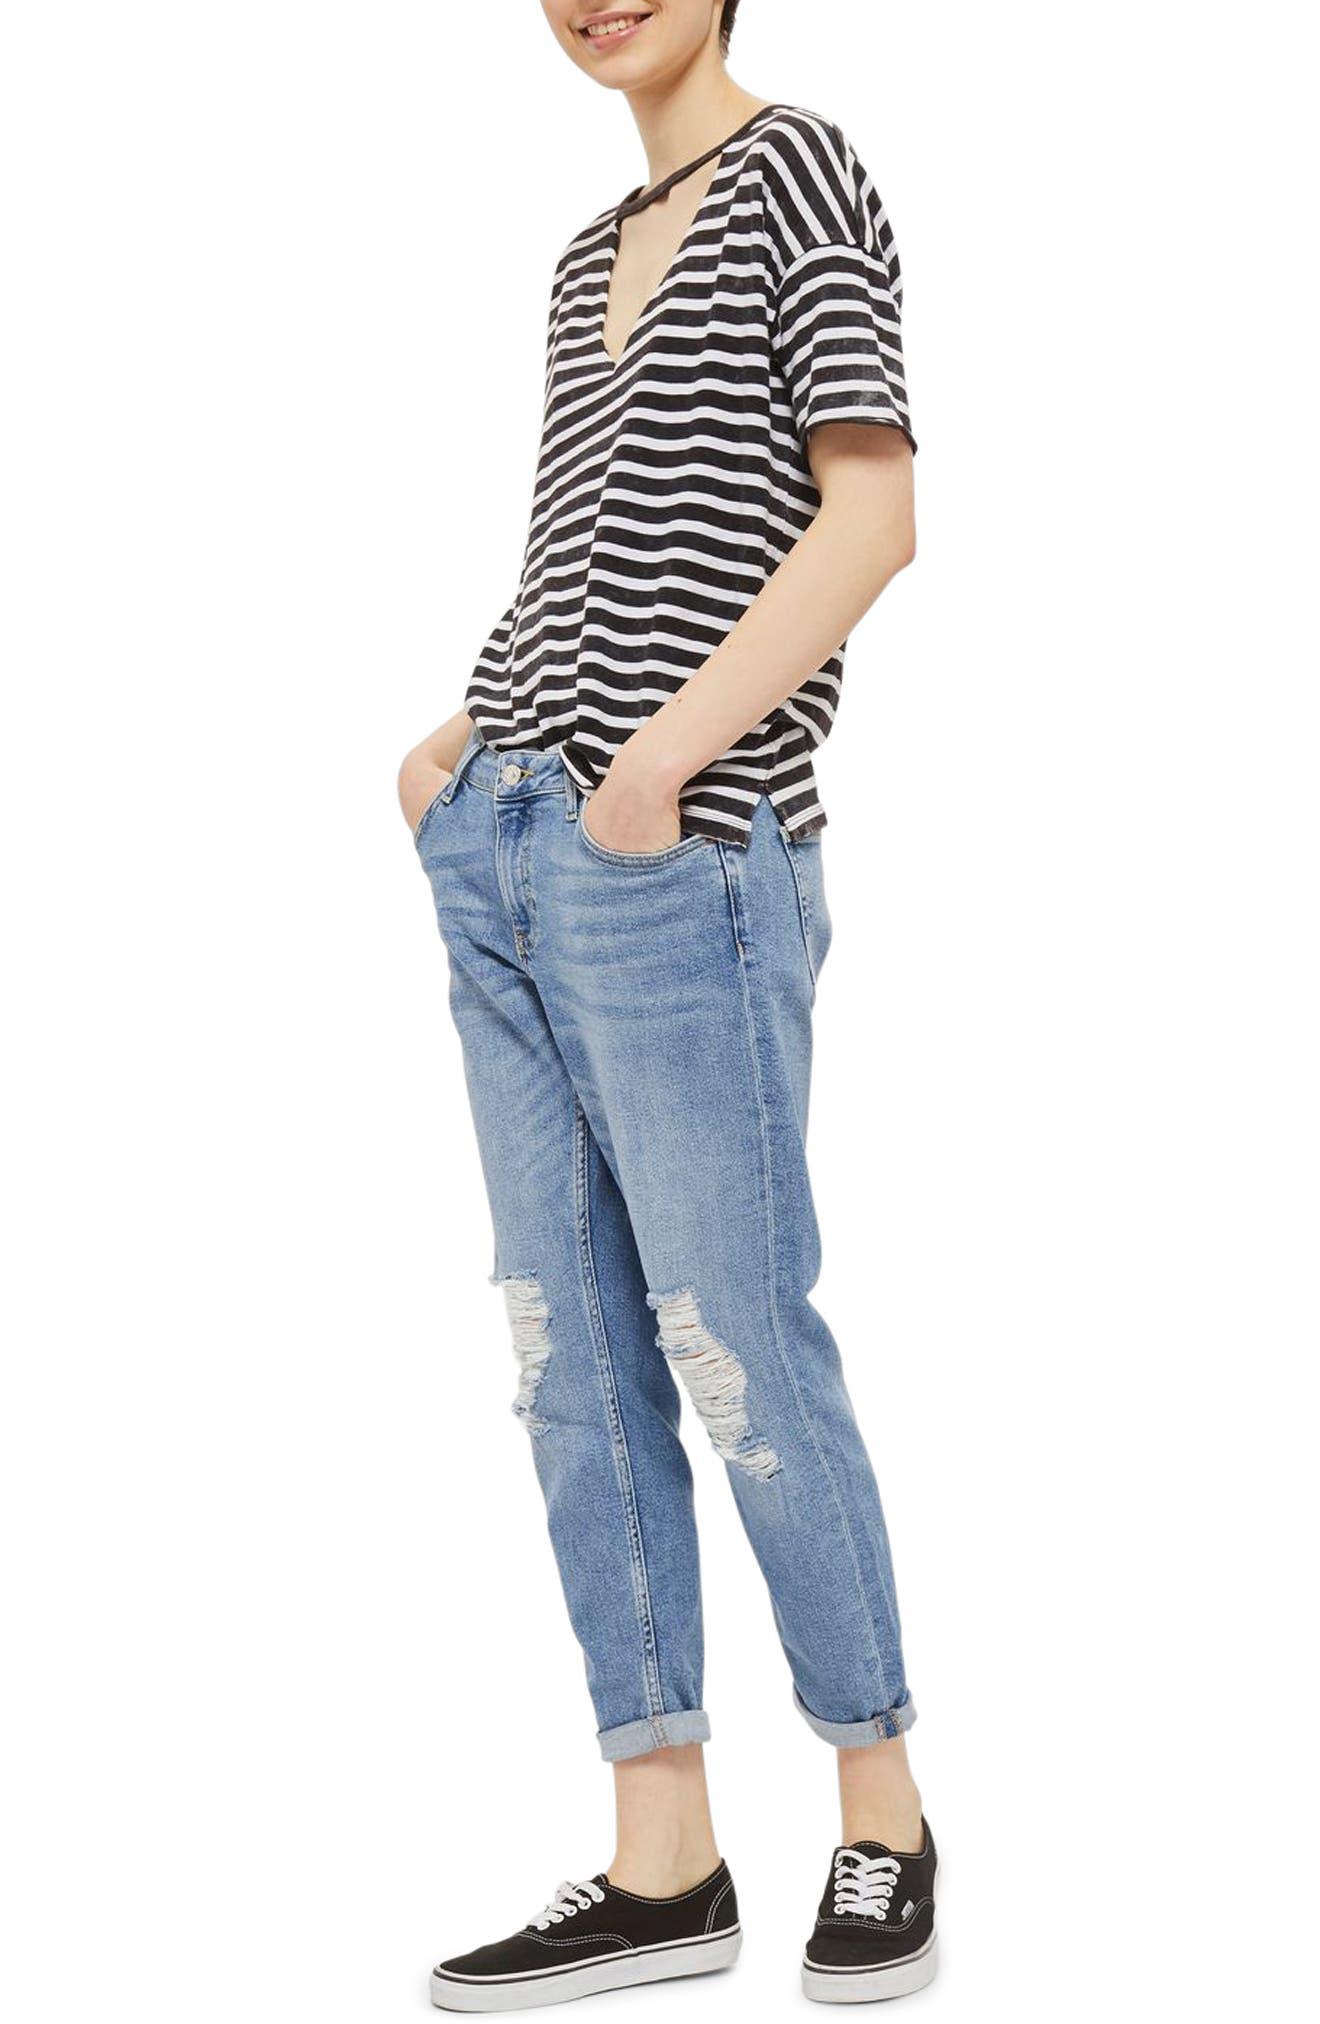 Lucas Rip Boyfriend Jeans,                             Main thumbnail 1, color,                             Mid Denim